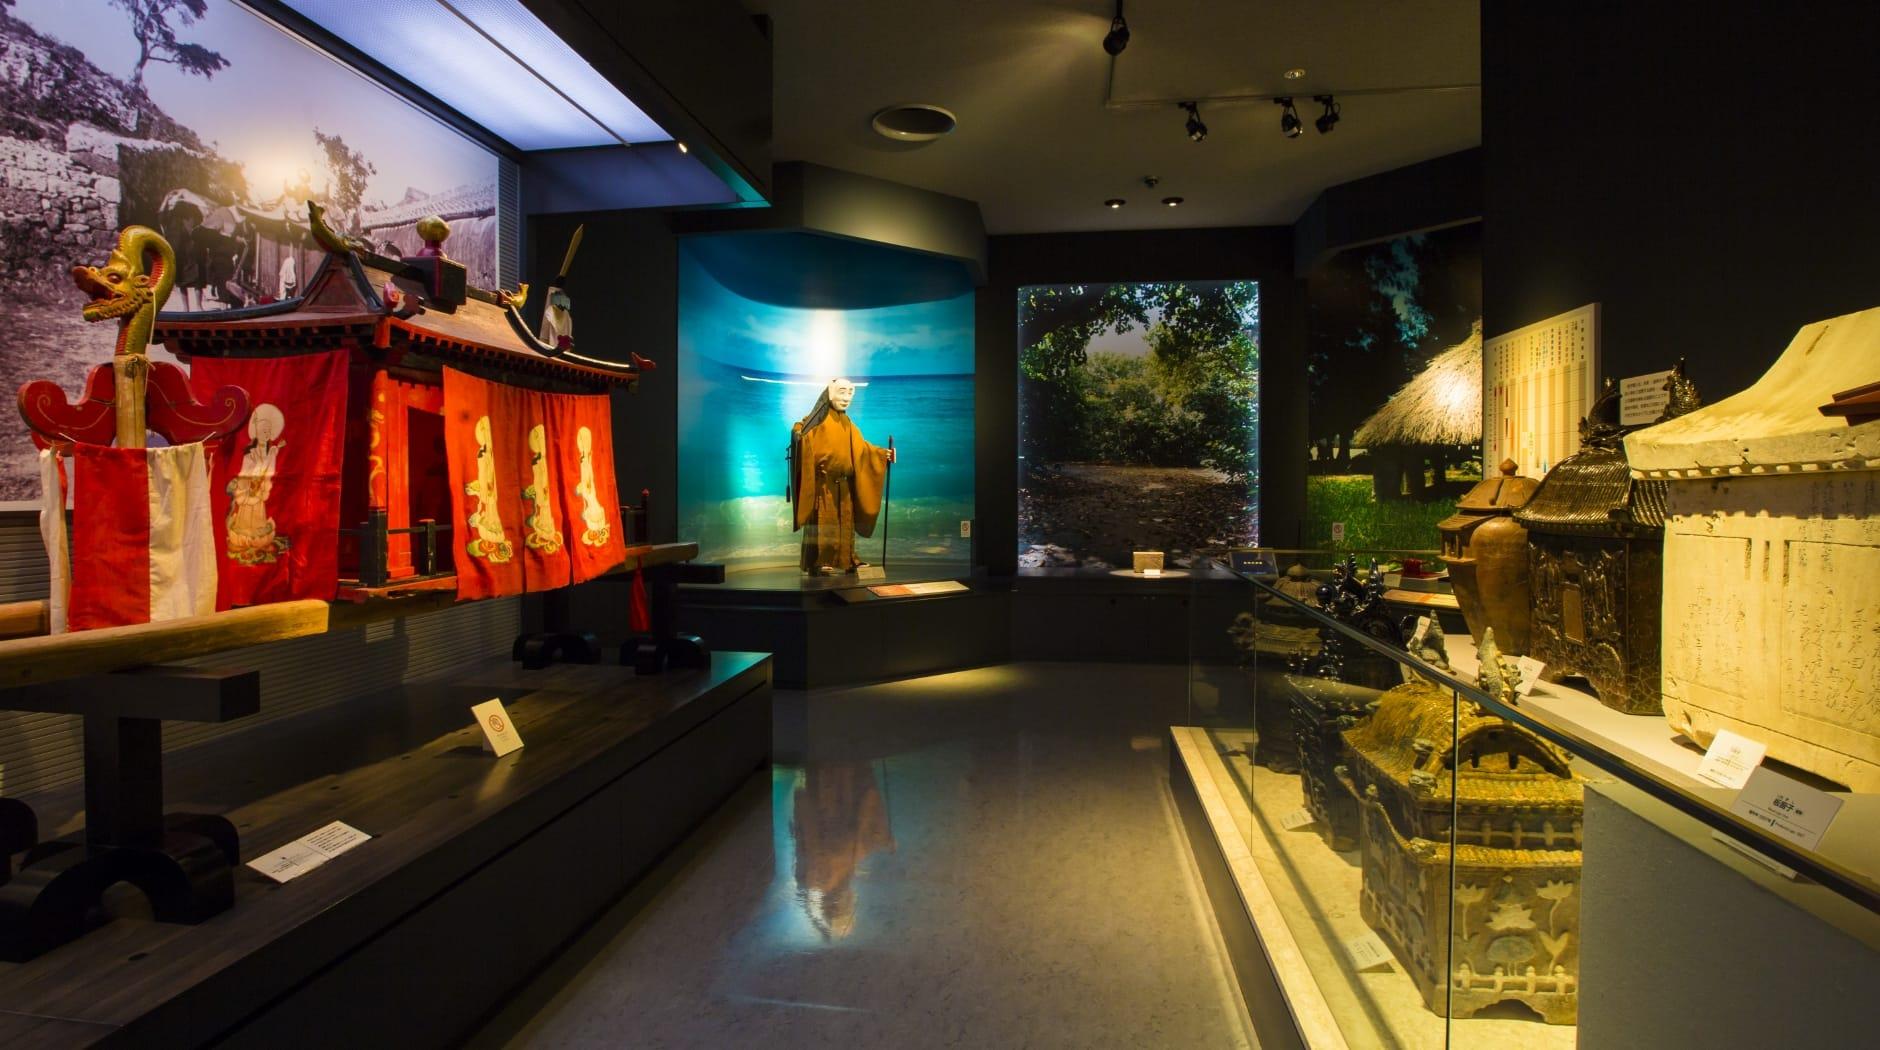 Okinawa Prefectural Museum & Art Museum (Okimyu)